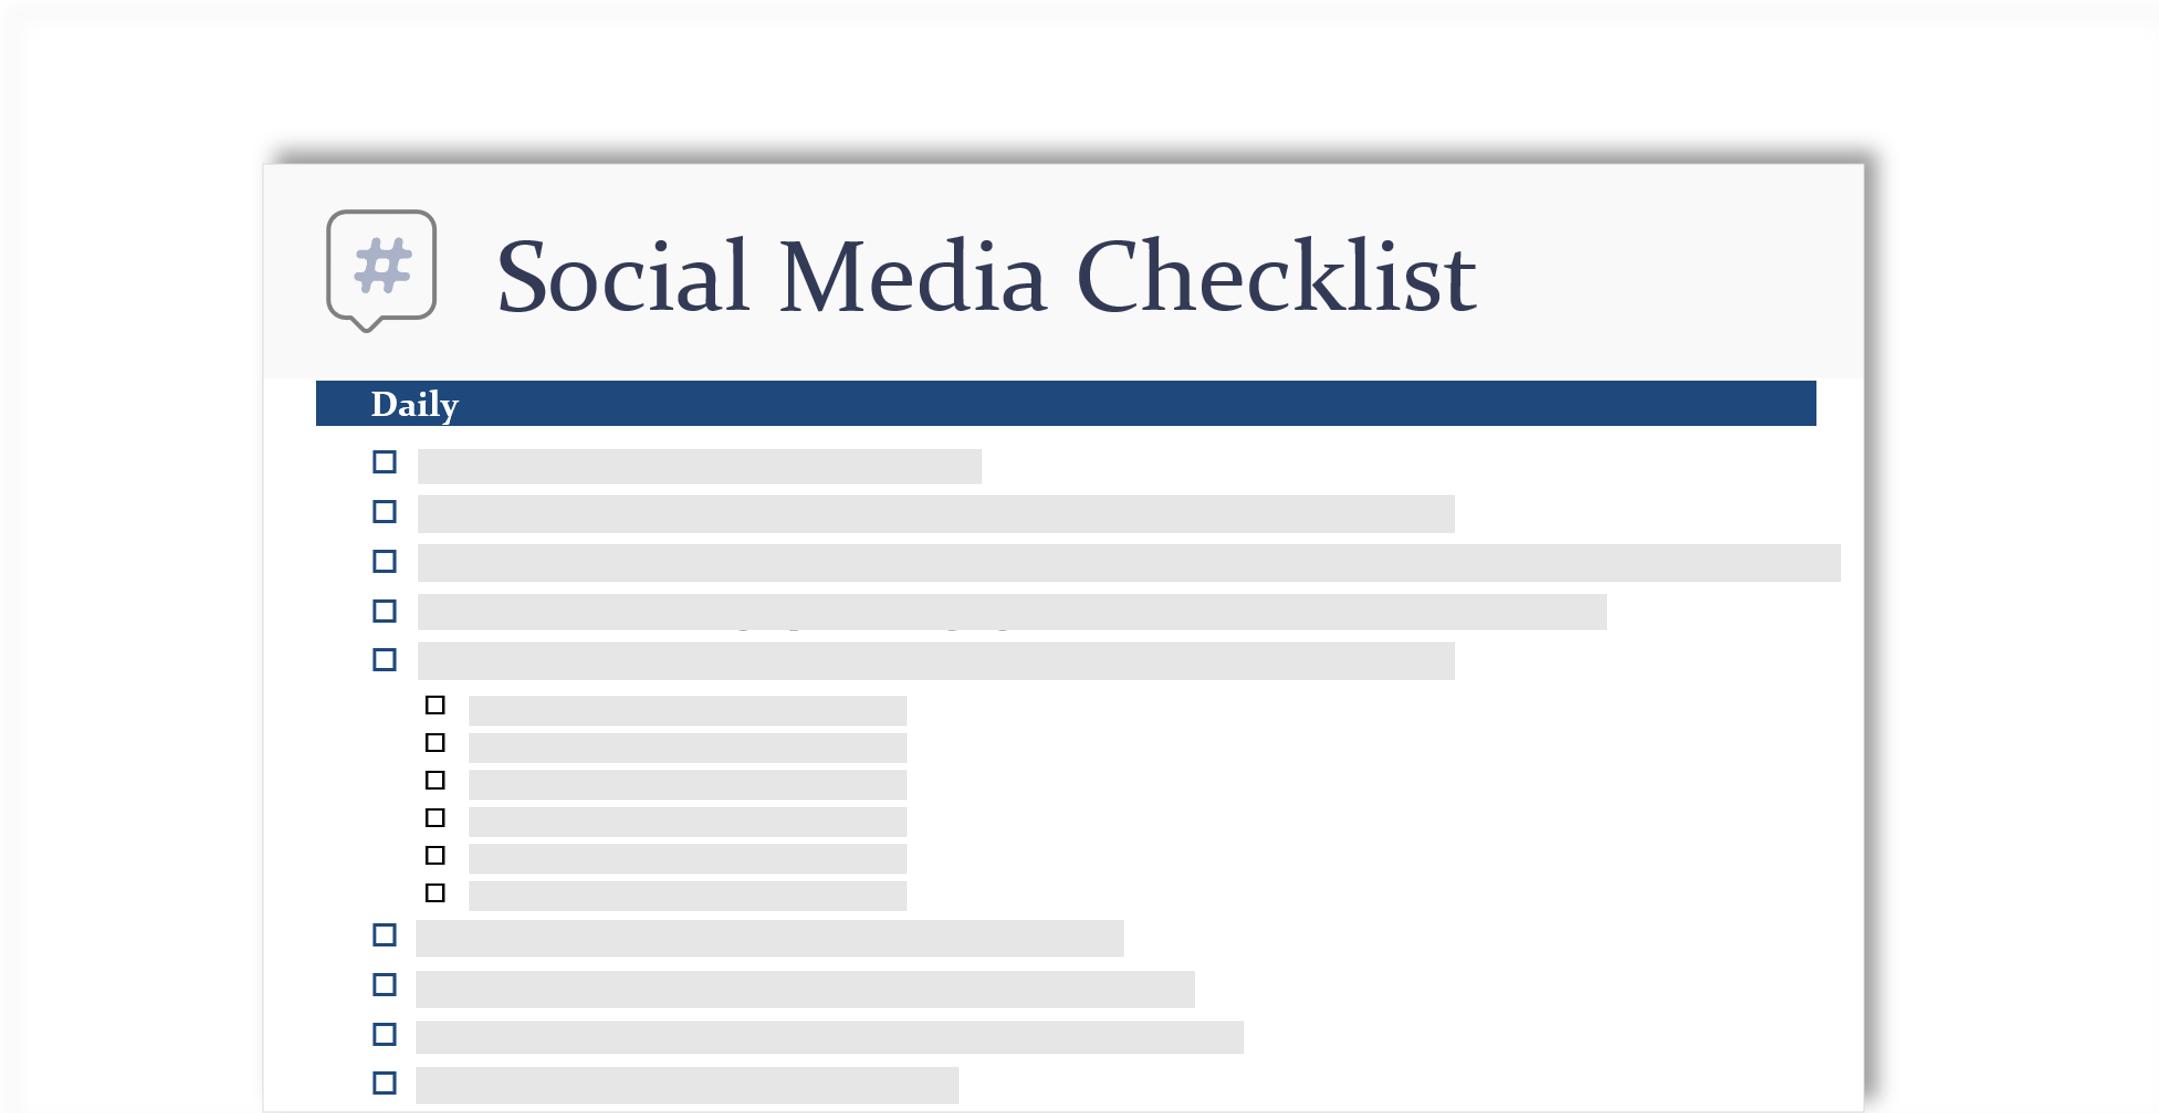 תמונה מושגית של רשימת משימות לביצוע של מדיה חברתית